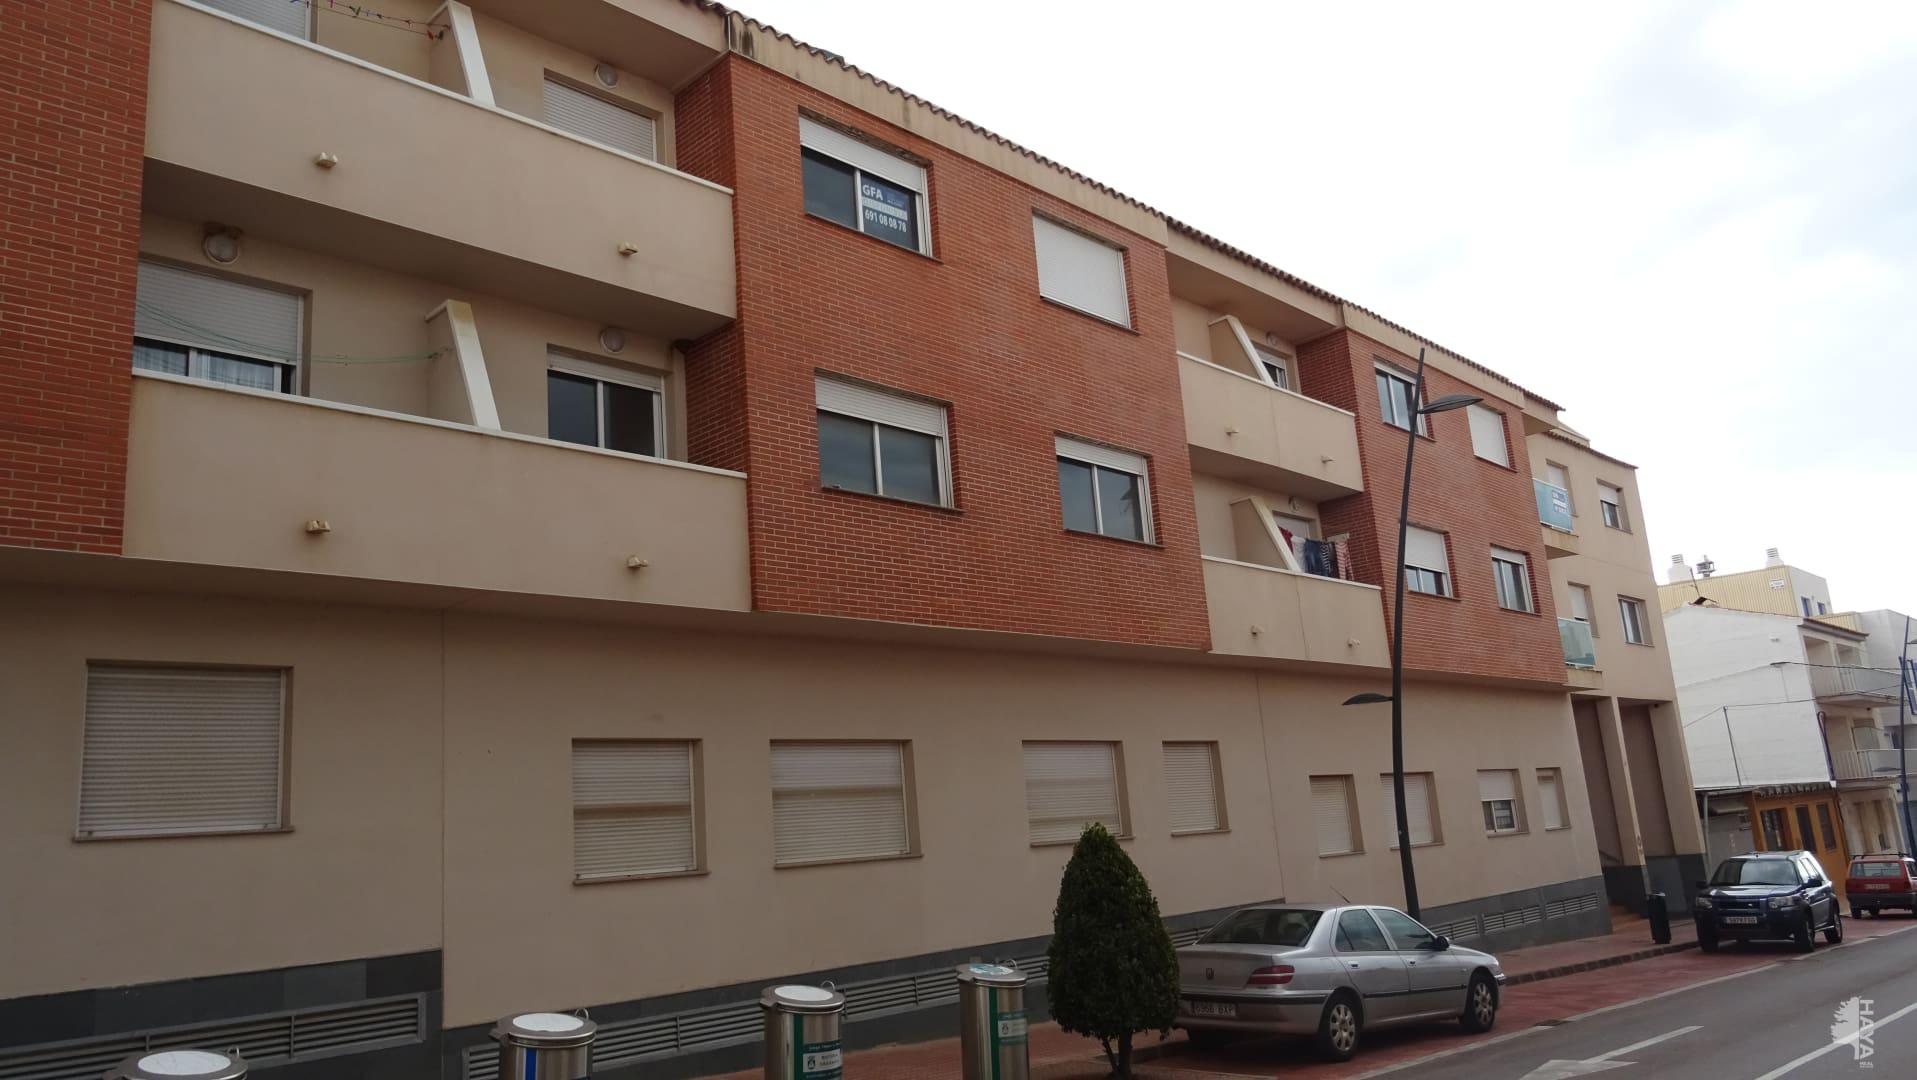 Piso en venta en Torreblanca, Castellón, Calle Colon, 66.000 €, 2 habitaciones, 2 baños, 99 m2